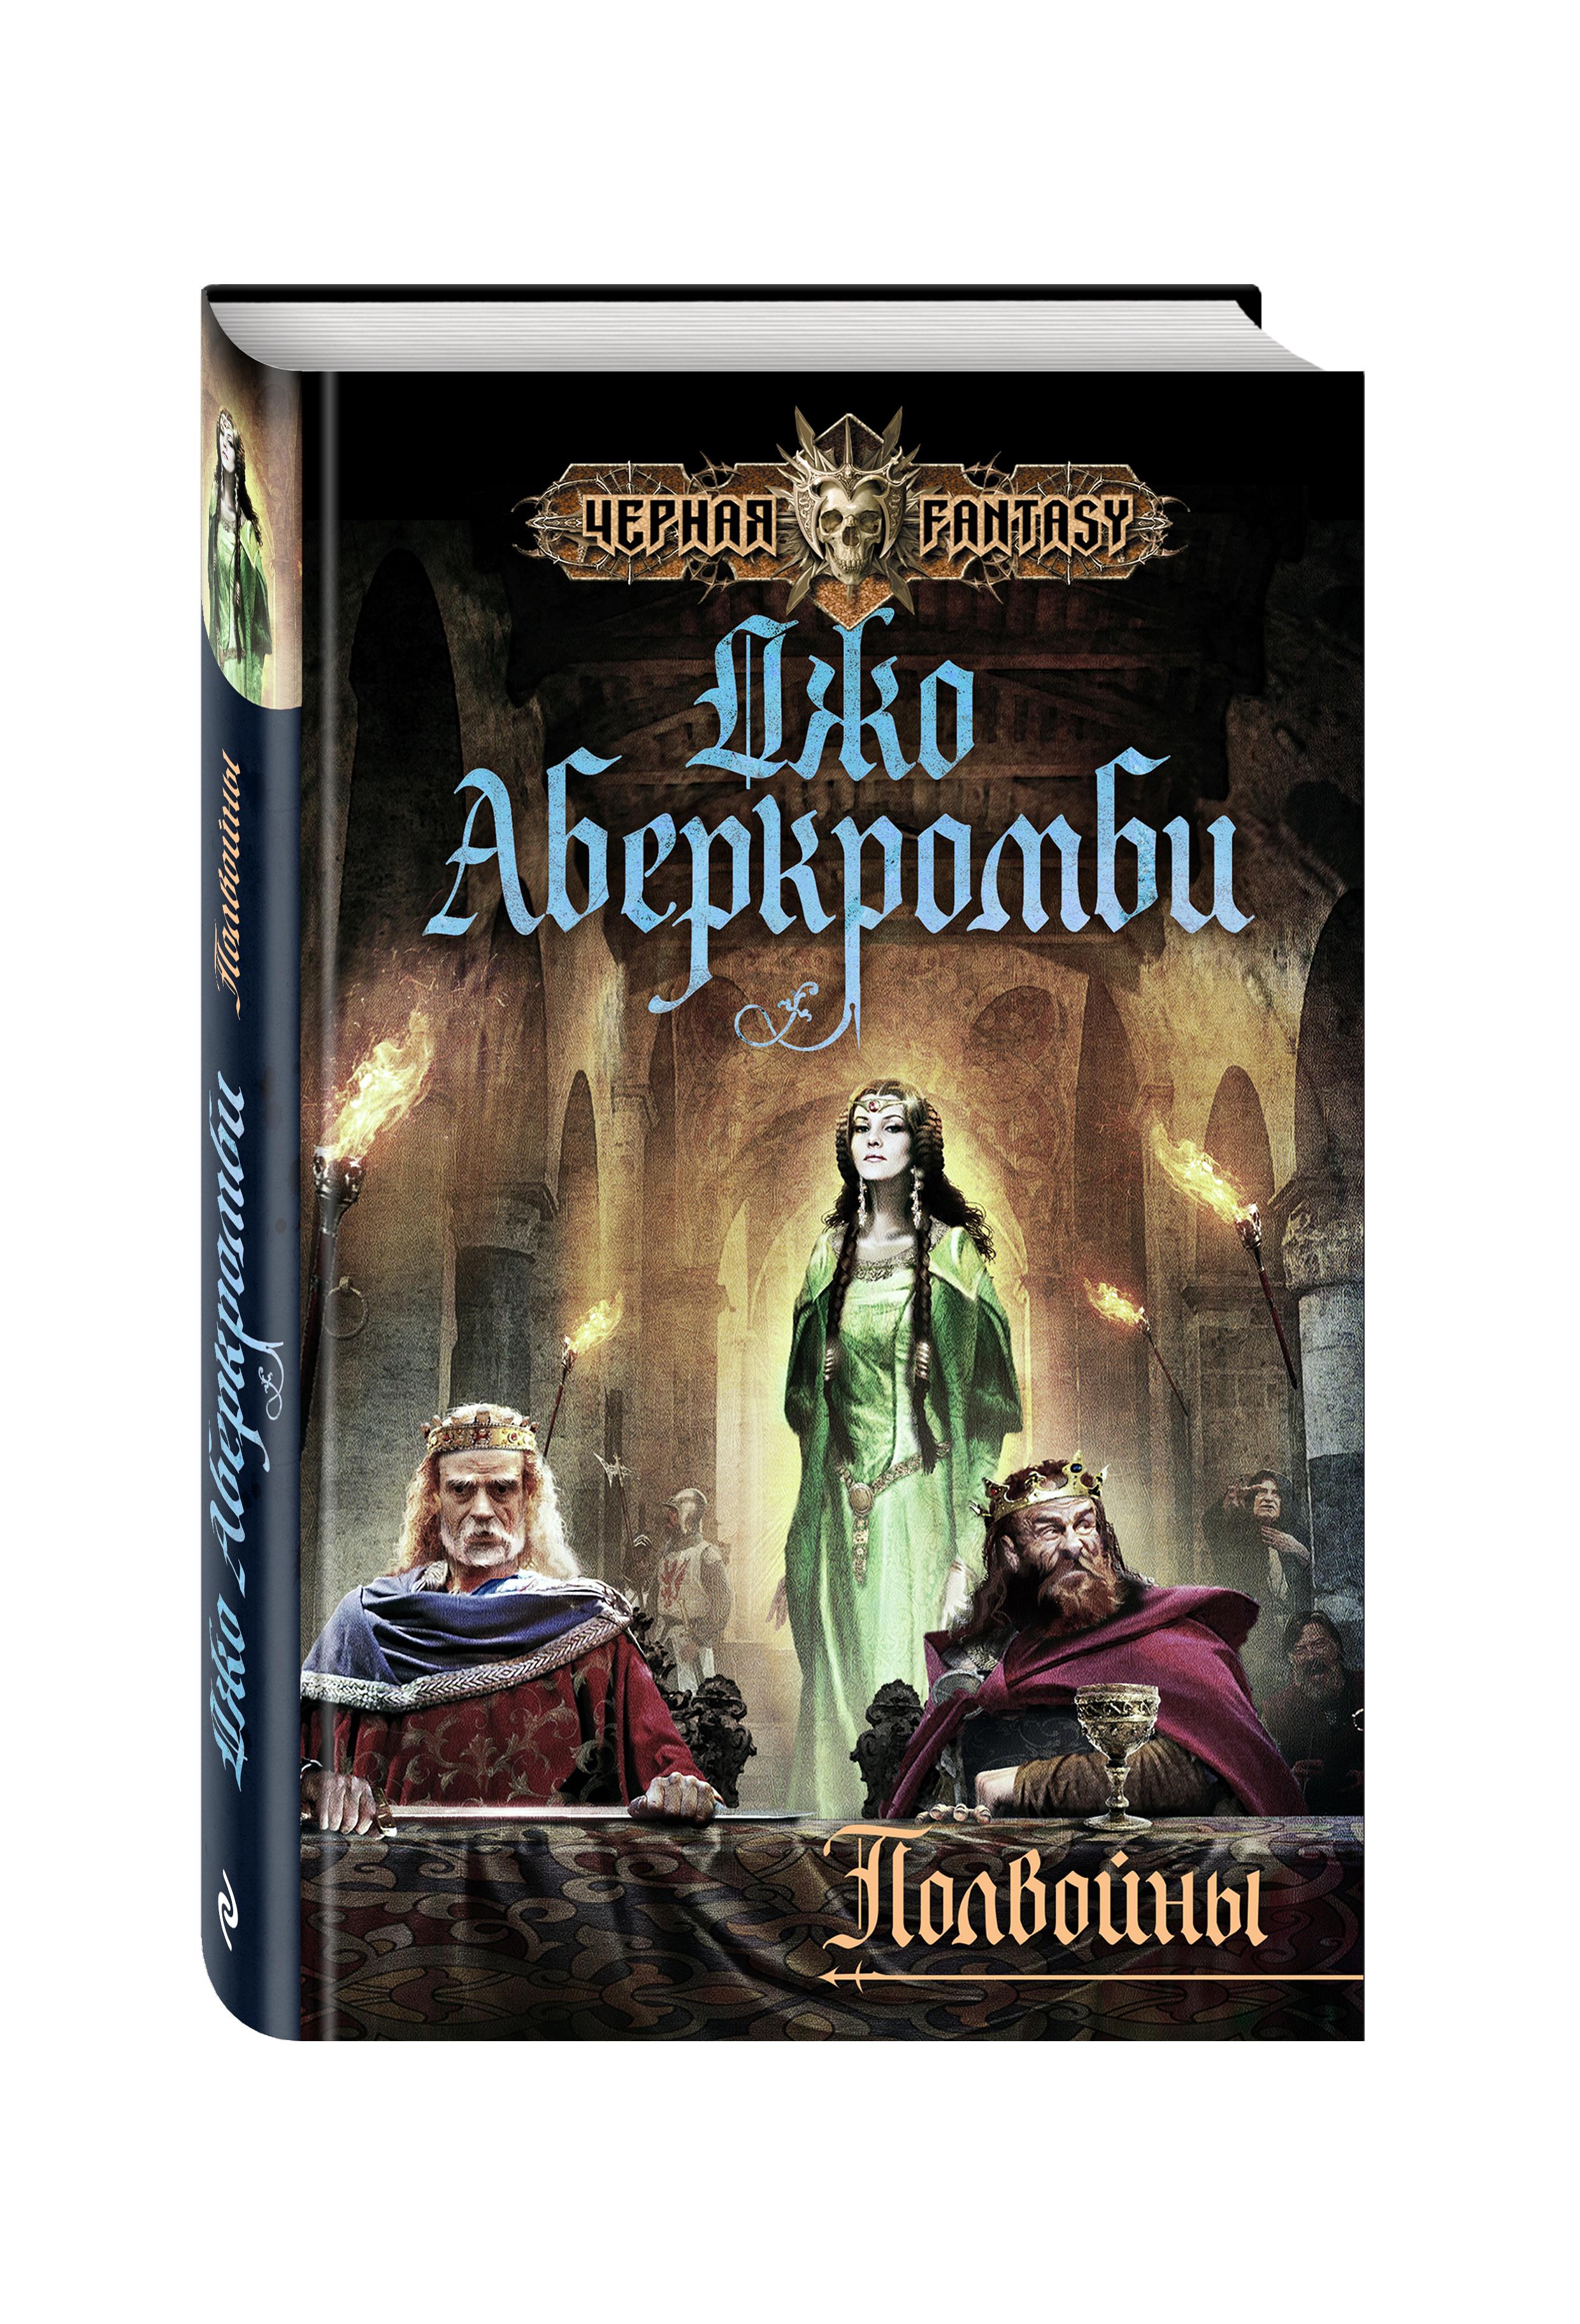 Аберкромби Дж. Полвойны ISBN: 978-5-699-88484-1 аберкромби джо полвойны